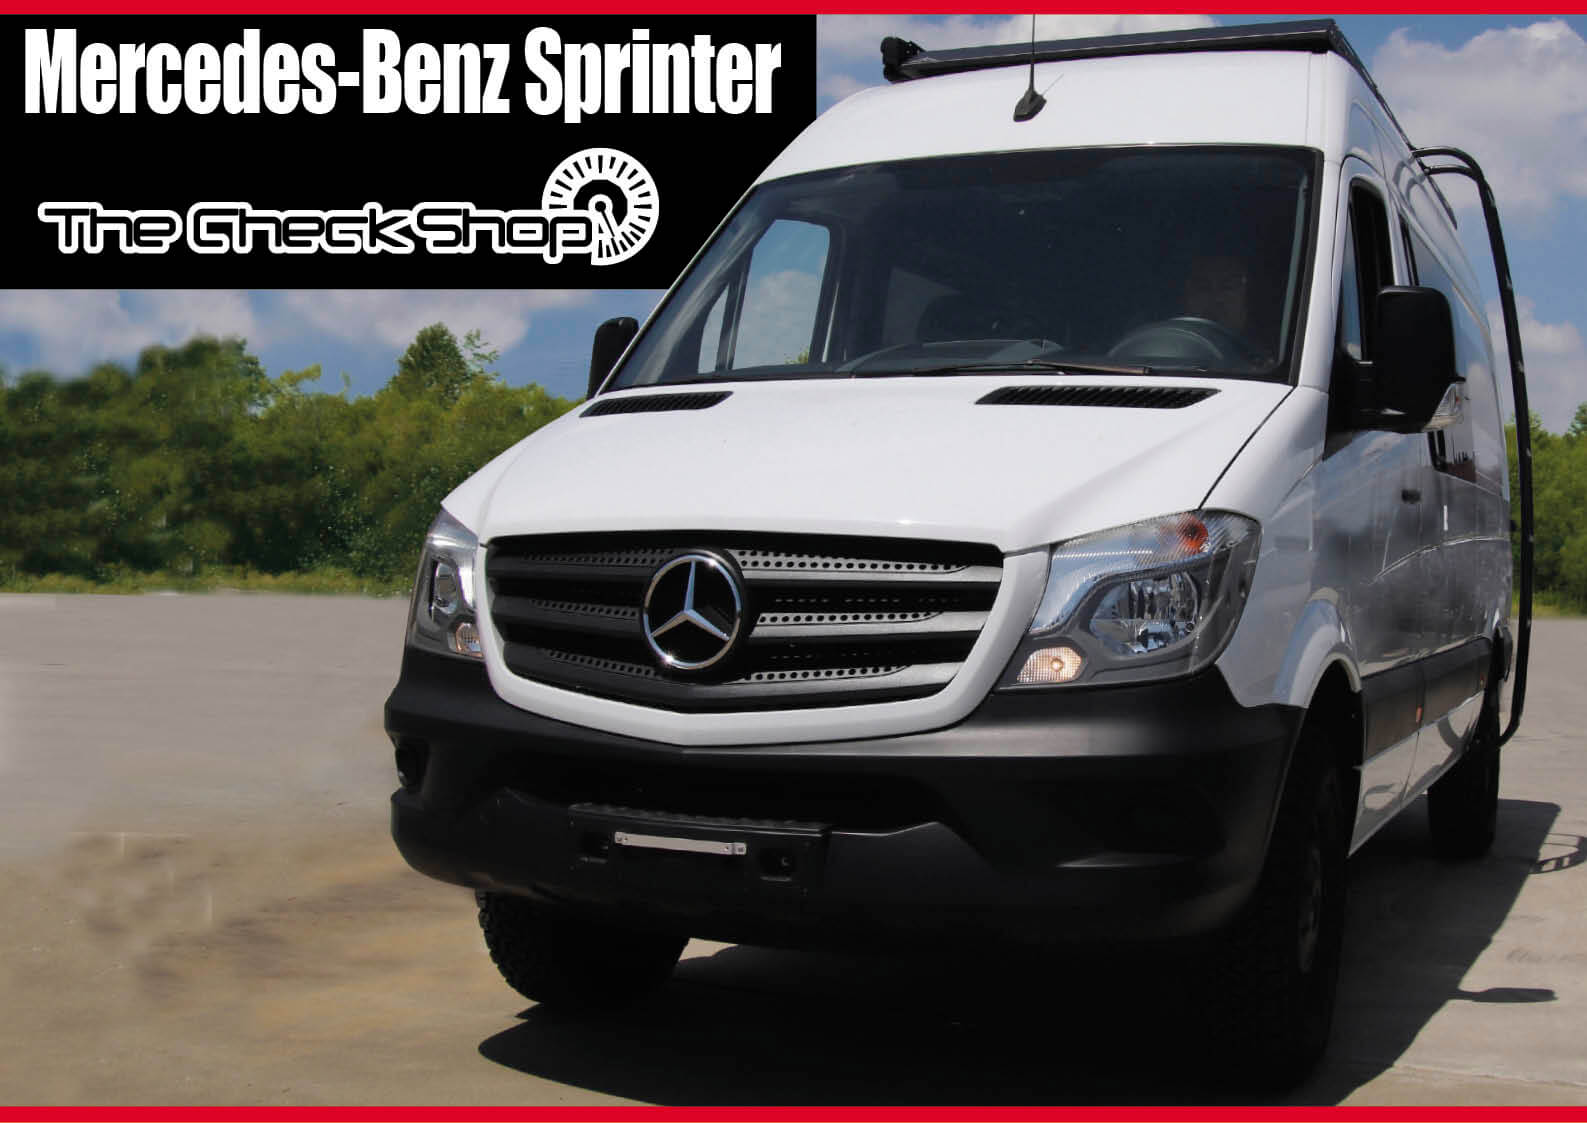 メルセデス ベンツ スプリンター(Mercedes-Benz Sprinter )「キャンピング仕様」と「トランスポーター仕様」どっちにする? カスタム(水上バイク)